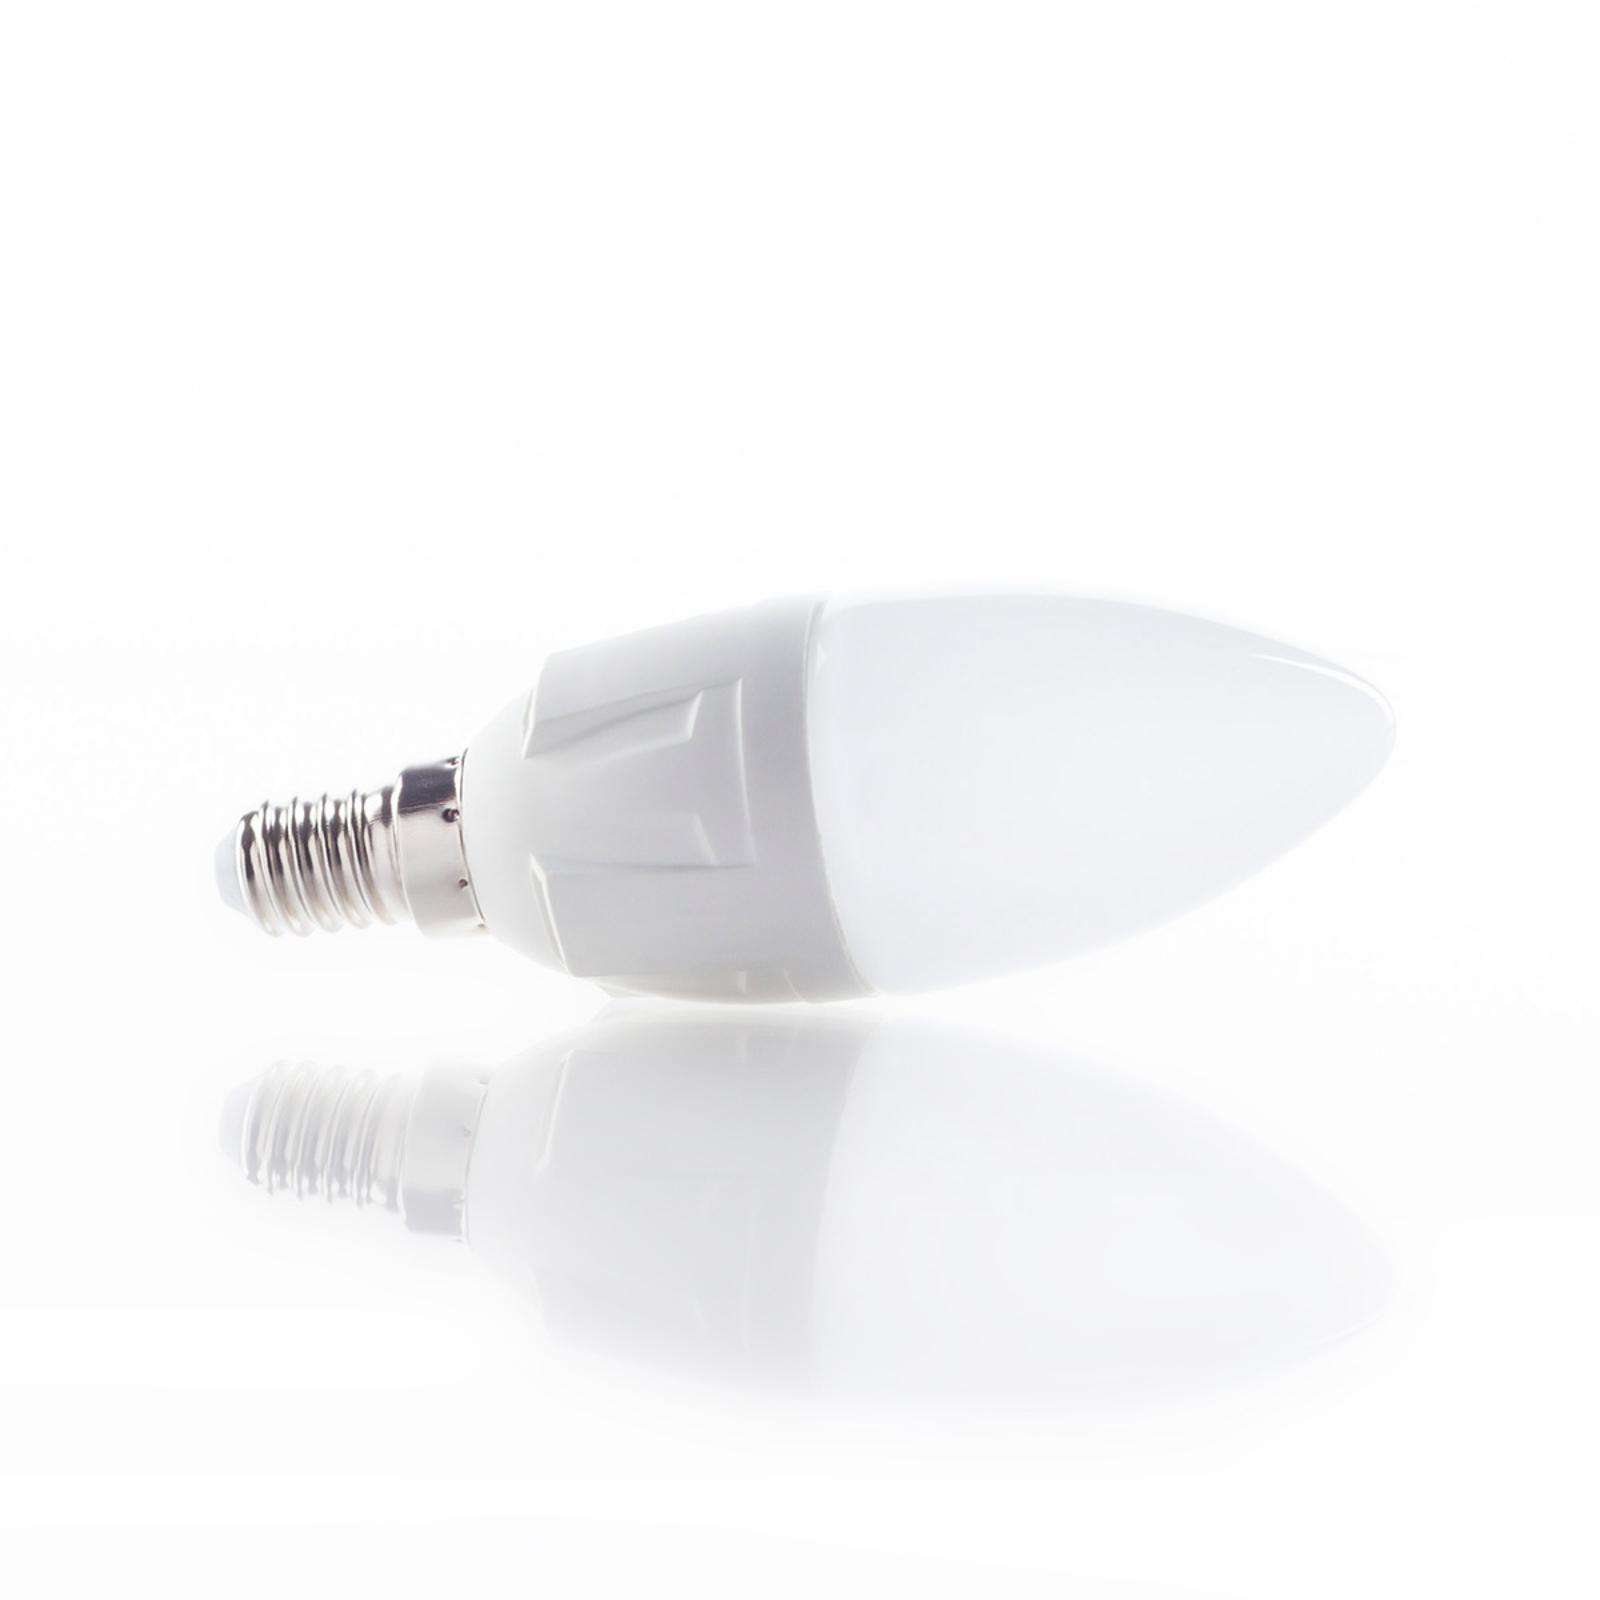 LED-kynttilälamppu E14 6 W 830, lämmin valkoinen